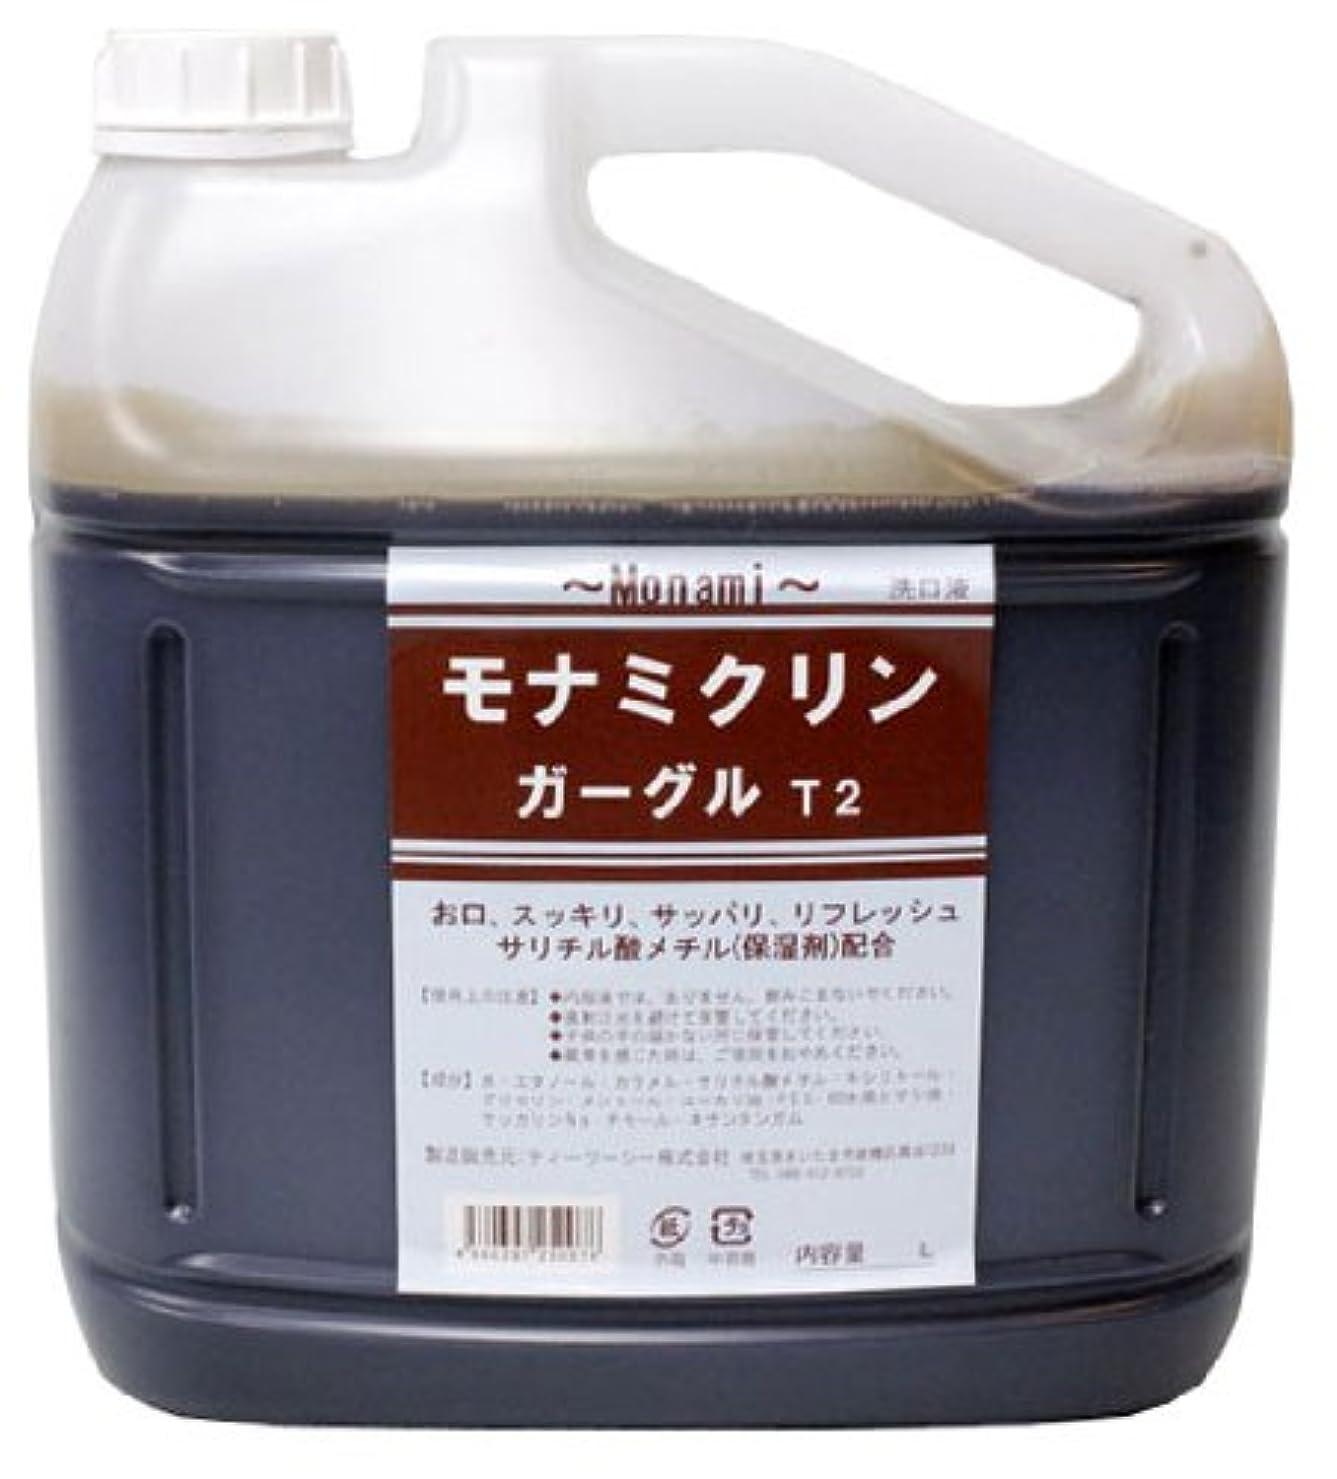 犠牲フラグラント気付く【業務用】モナミ クリンガーグルT2 5リットル サリチル酸メチル配合